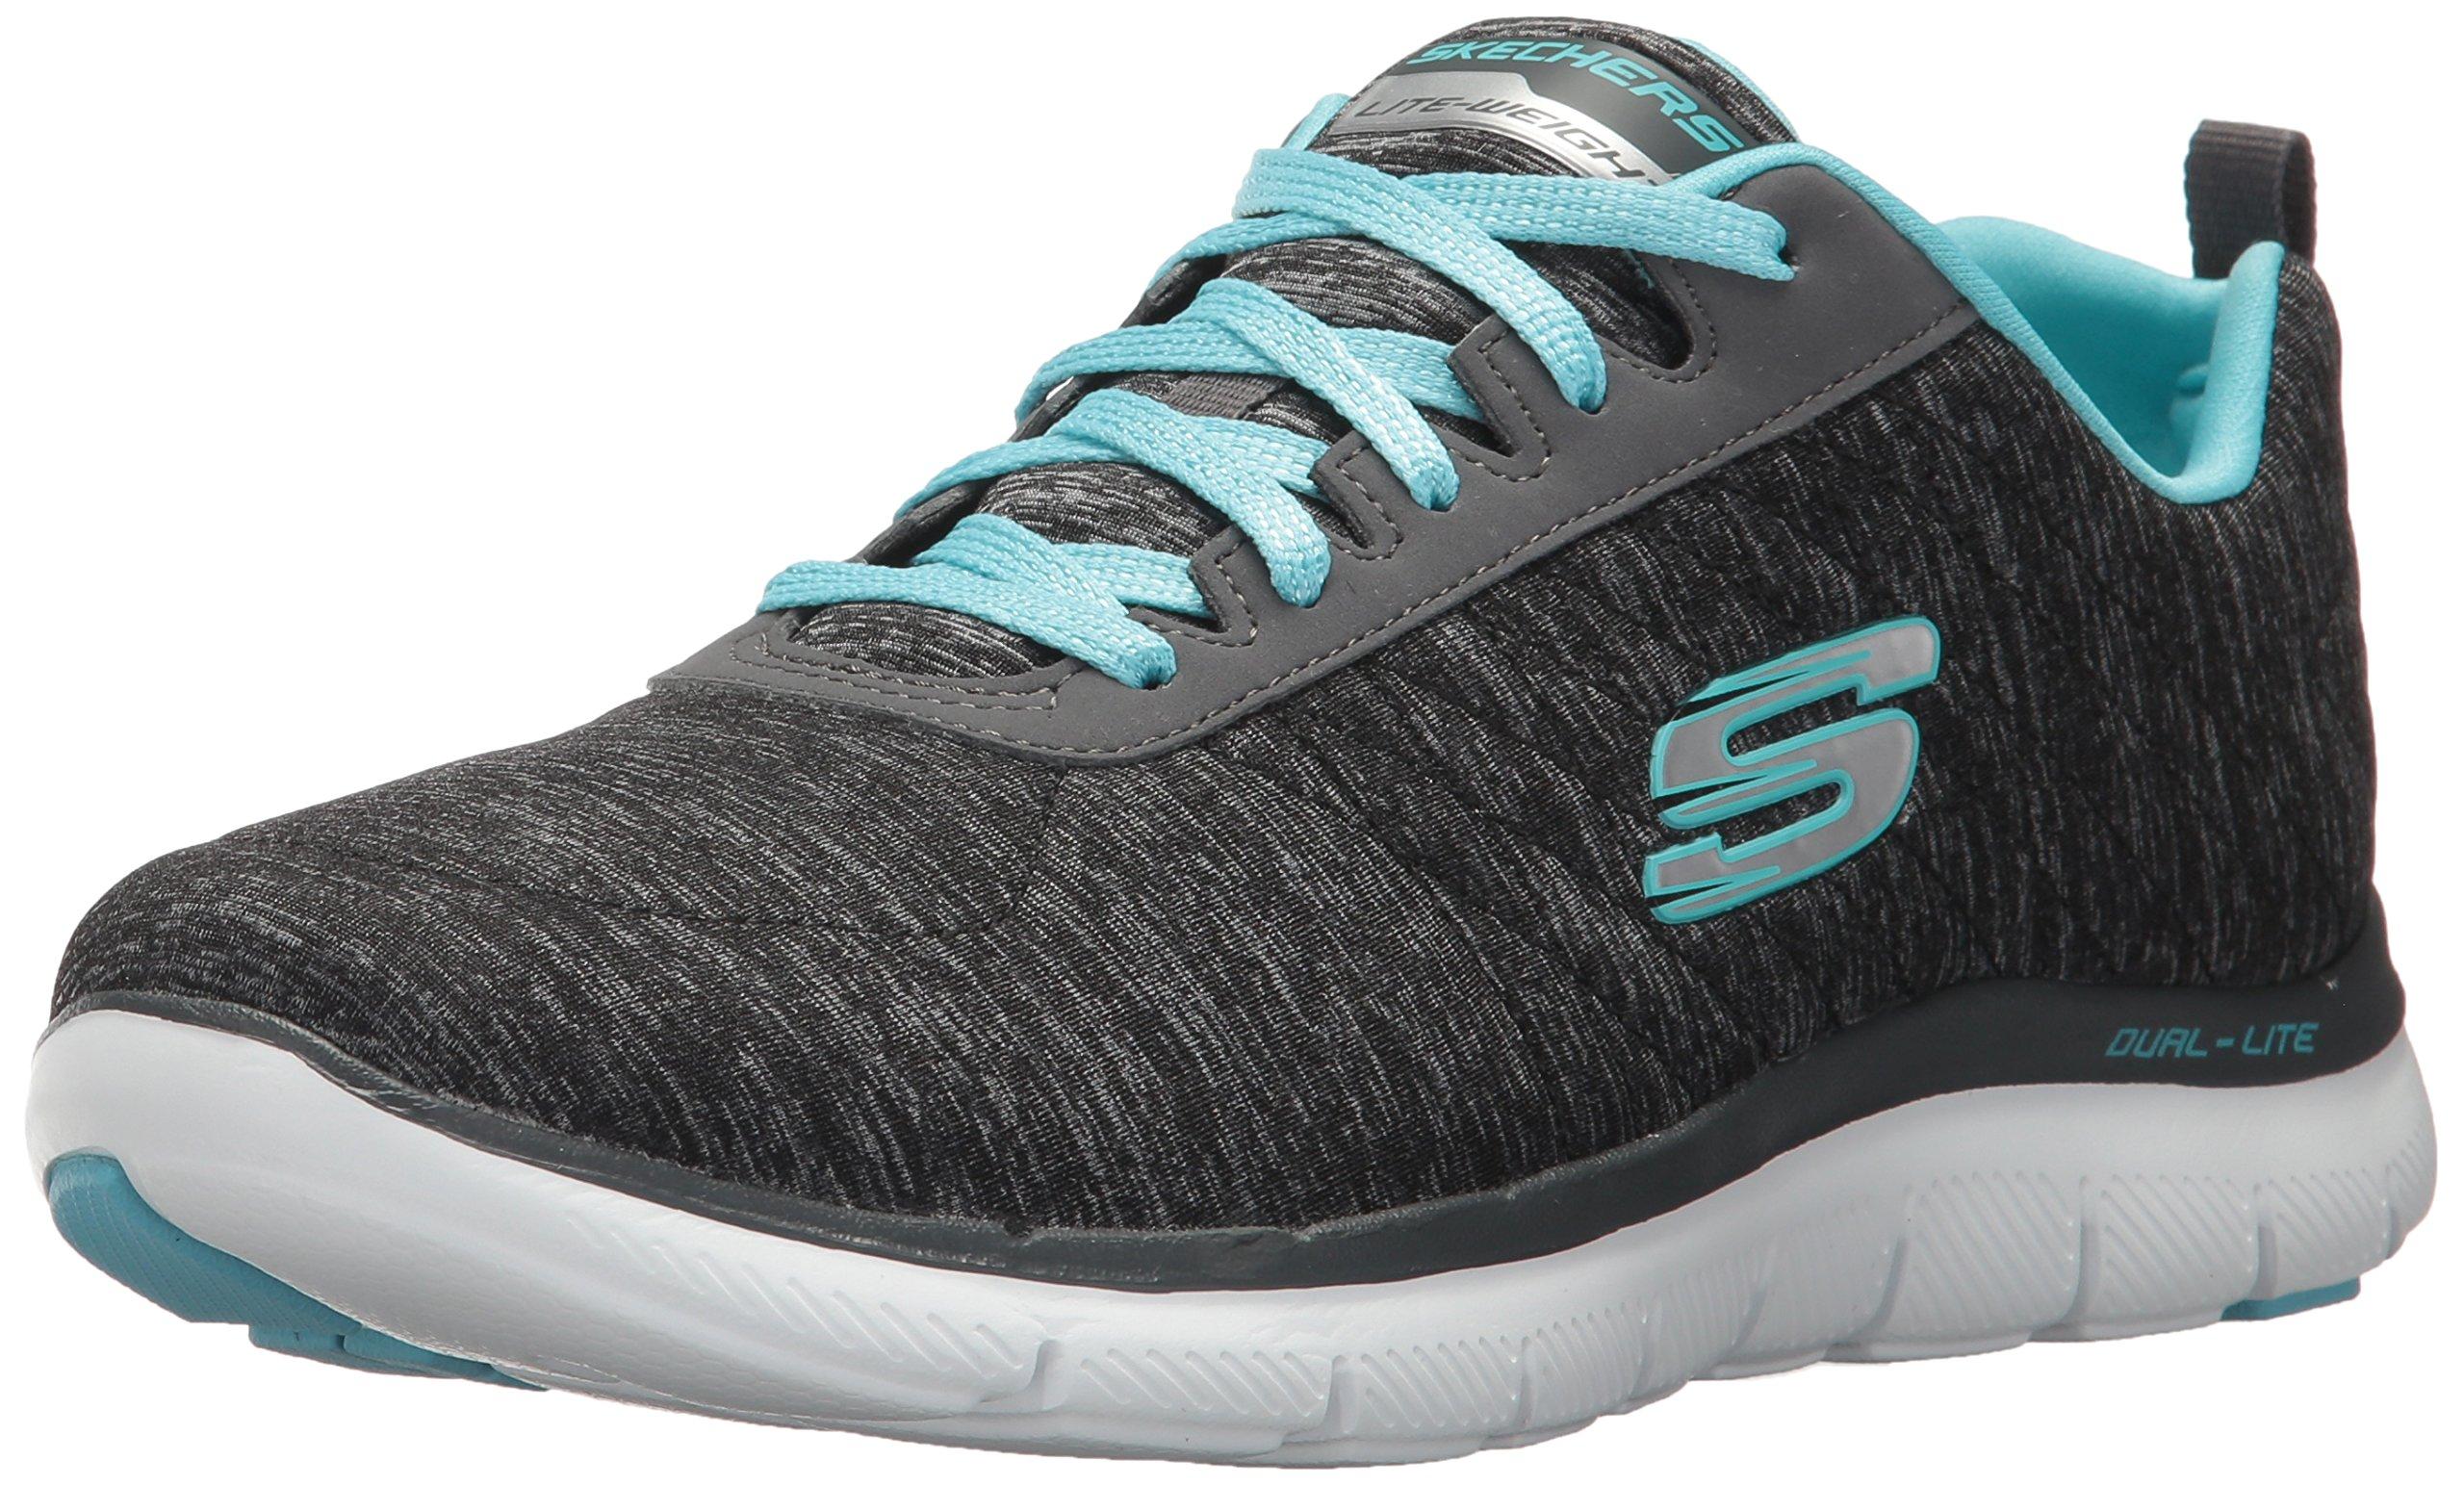 Skechers Sport 12753 Women's Flex Appeal 2.0 Sneaker,Black Light Blue,11 W US